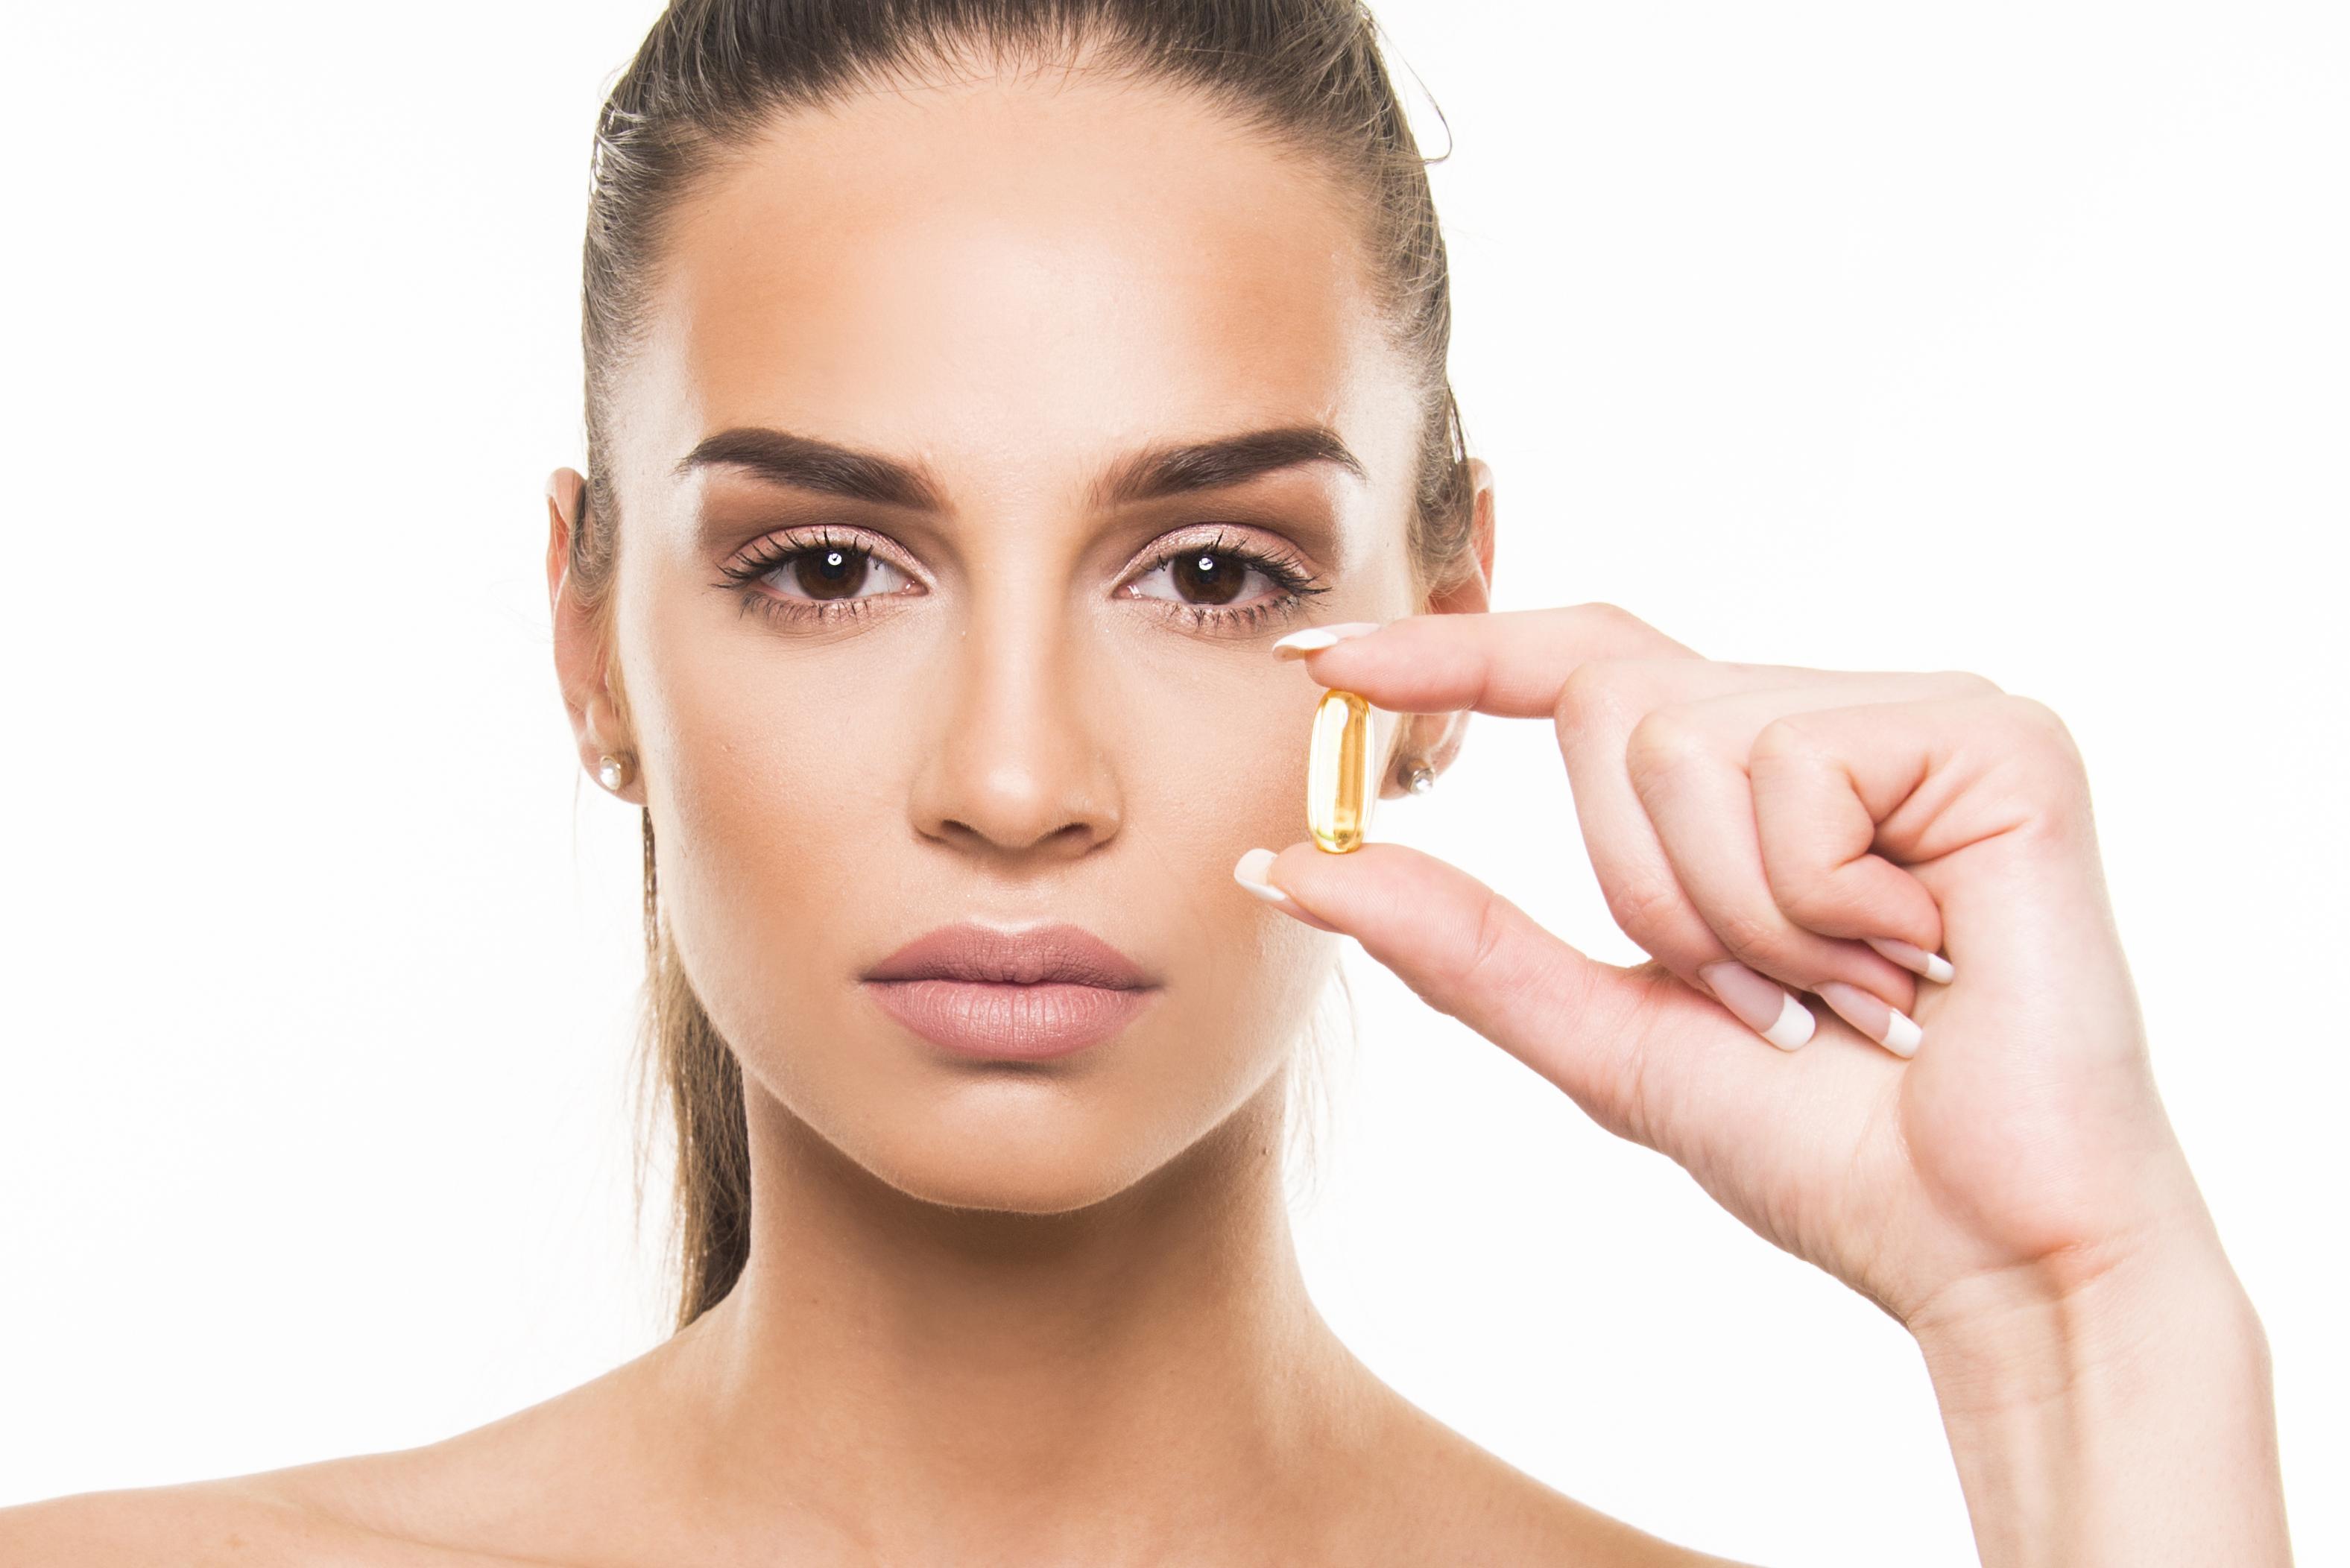 Những Điều Cần Biết Về Collagen Để Lựa Chọn Loại Collagen Phù Hợp Với Cơ Thể